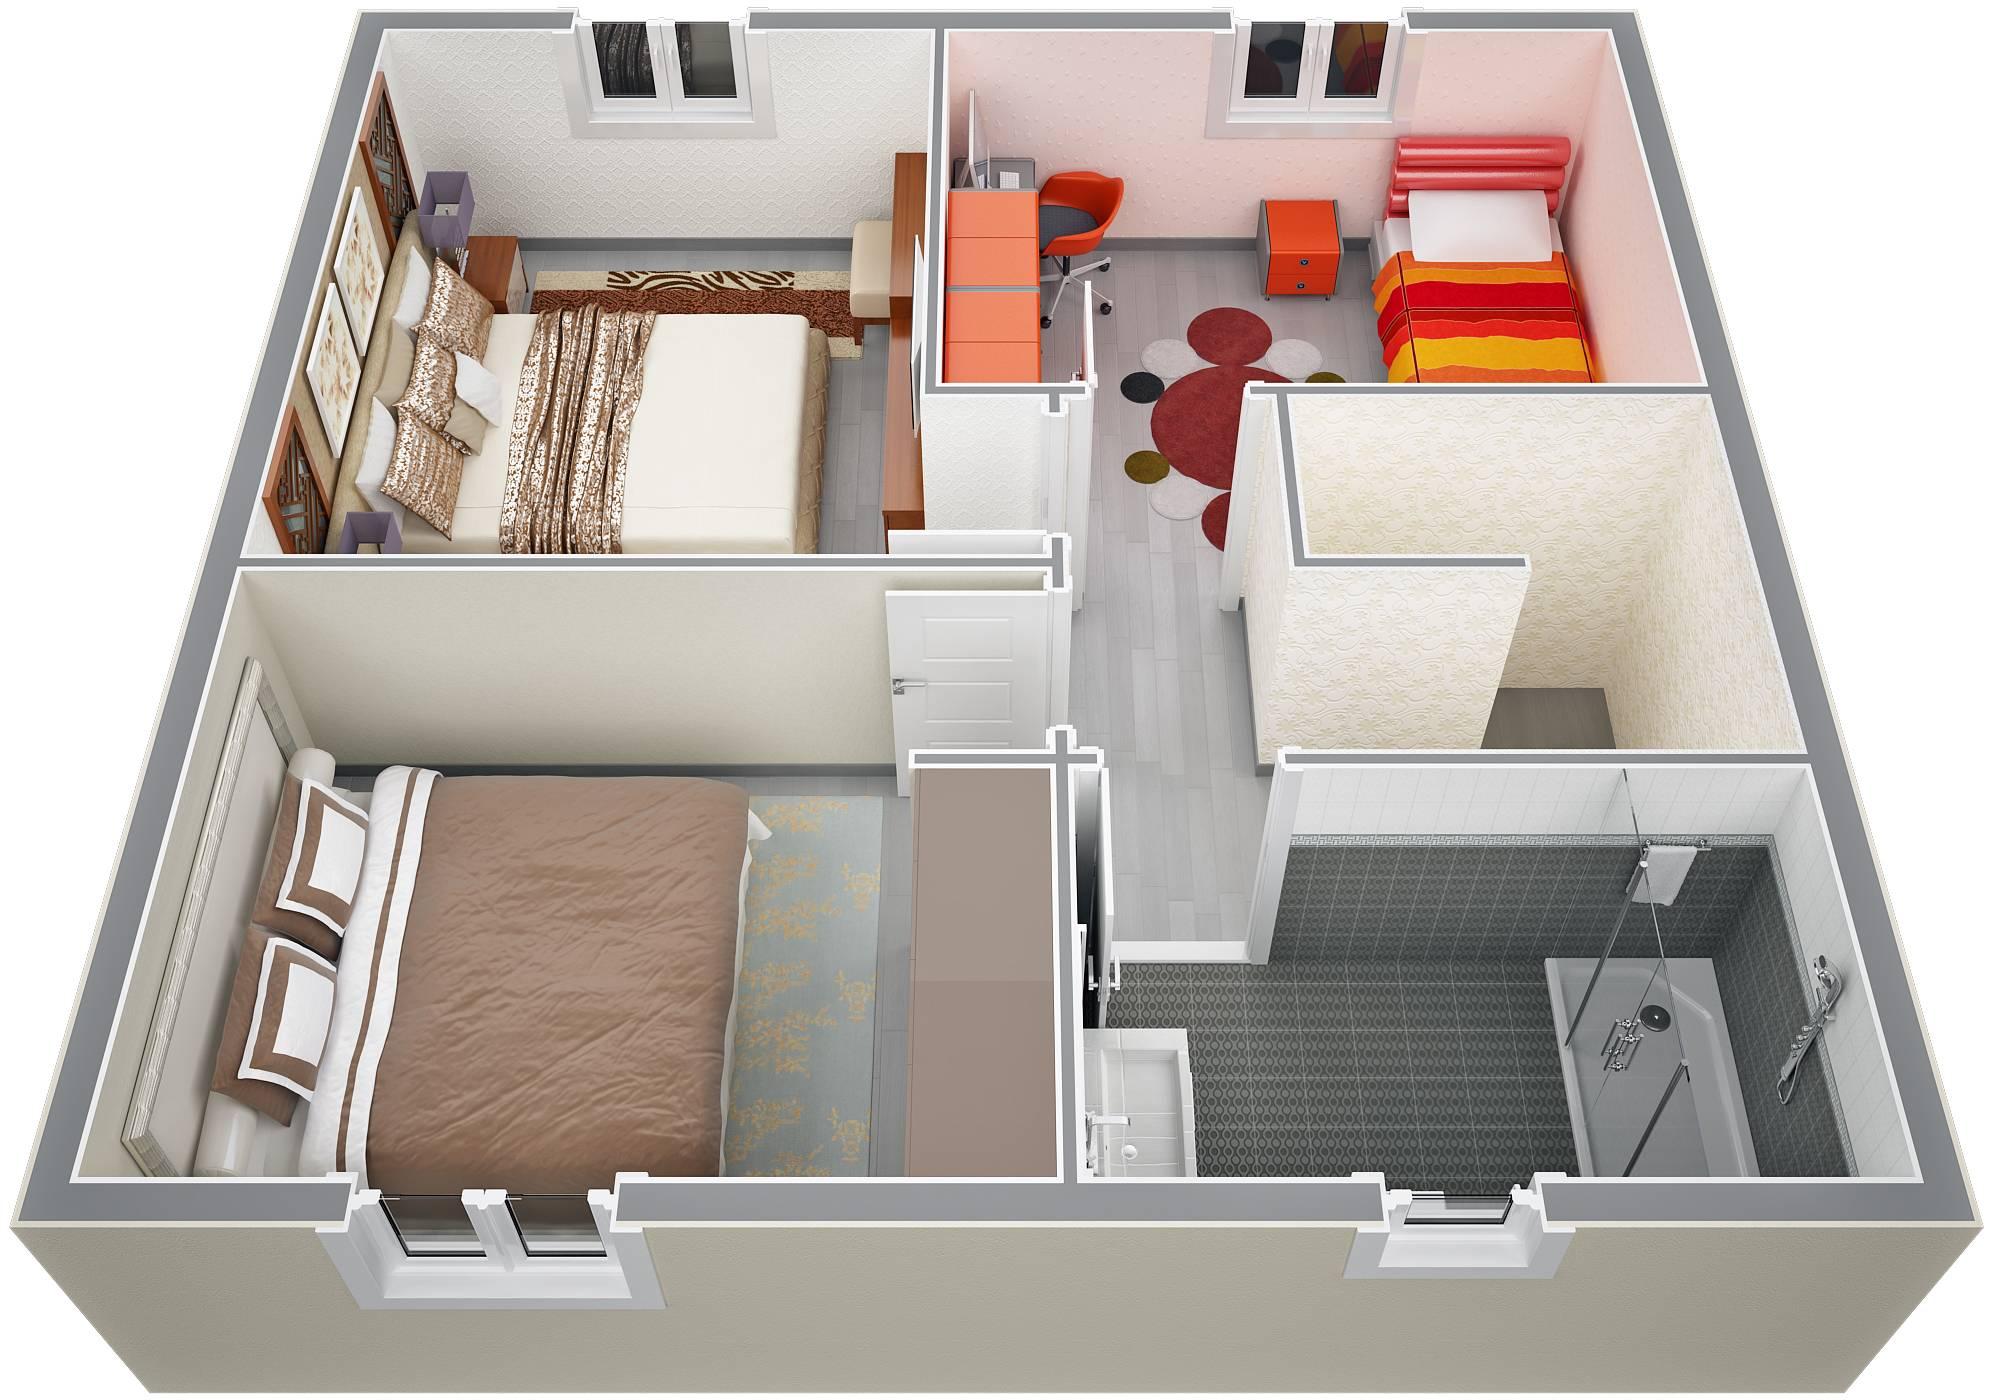 Villas cypr s 90m2 contruire dans la r gion paca mod les for Salle de bain de 6m2